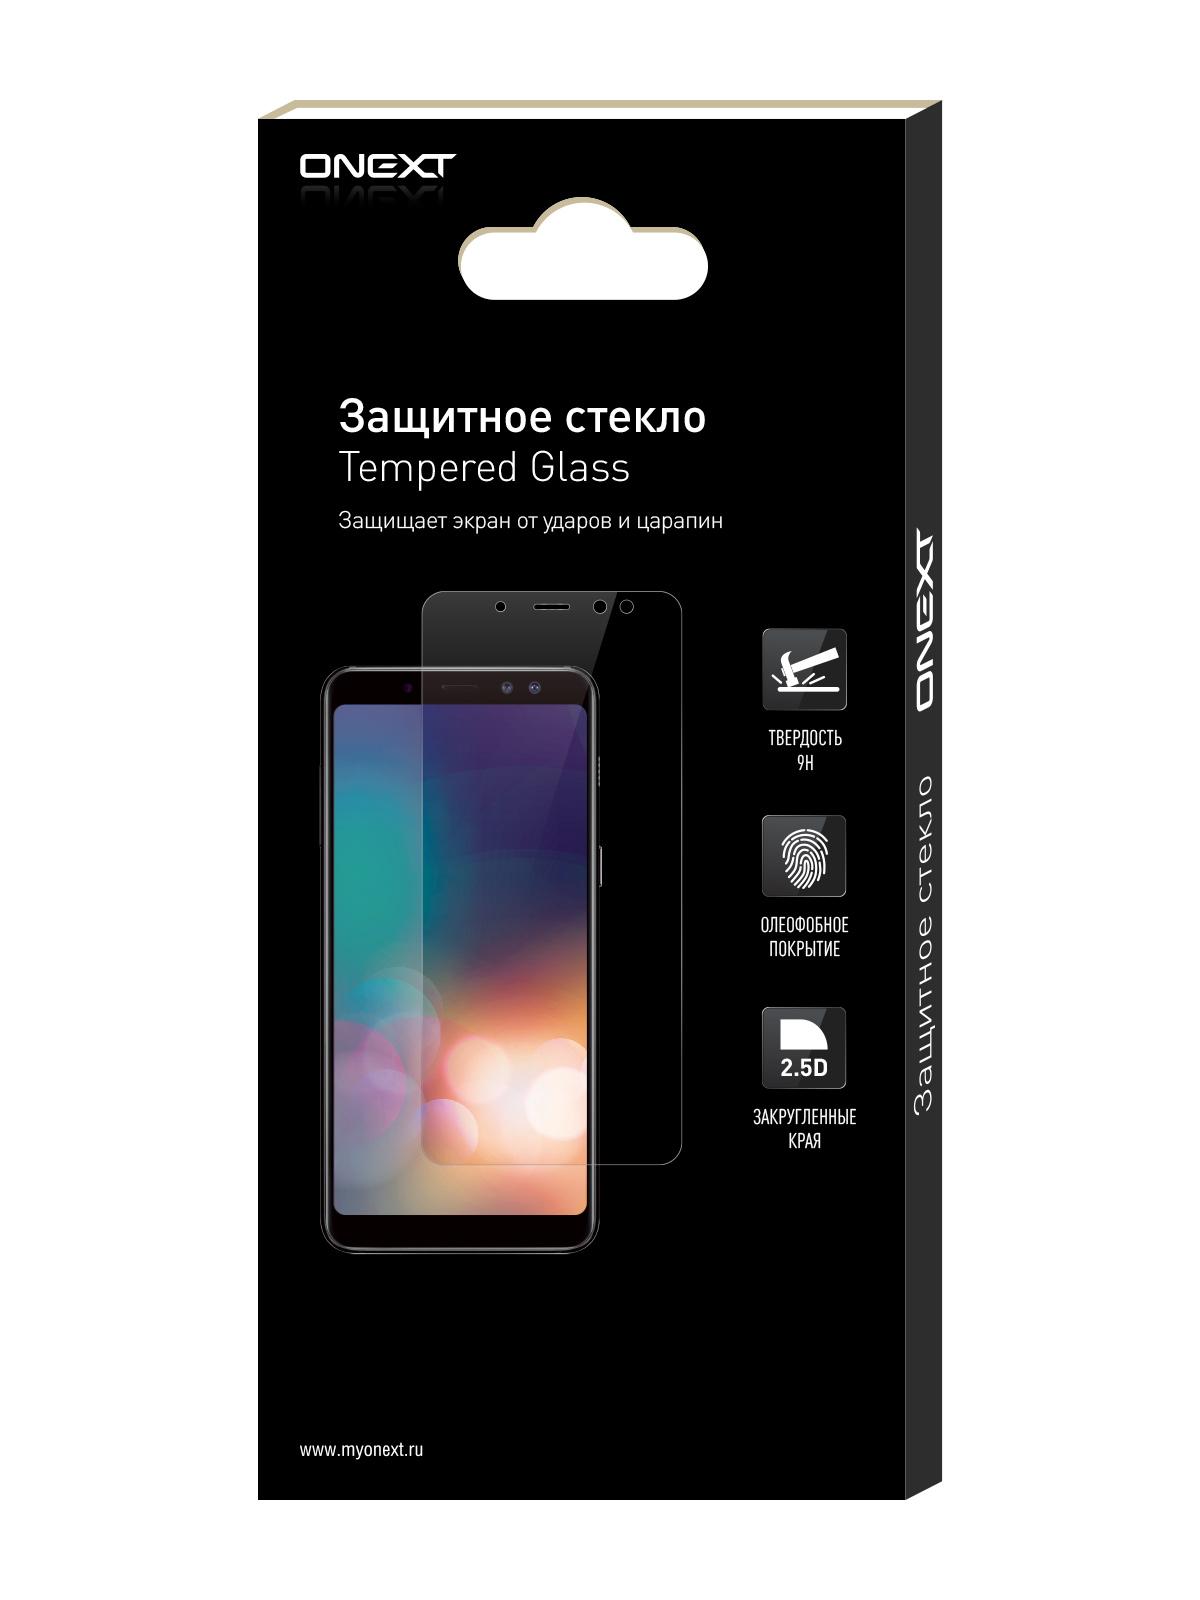 Защитное стекло ONEXT для Xiaomi Mi Mix 2